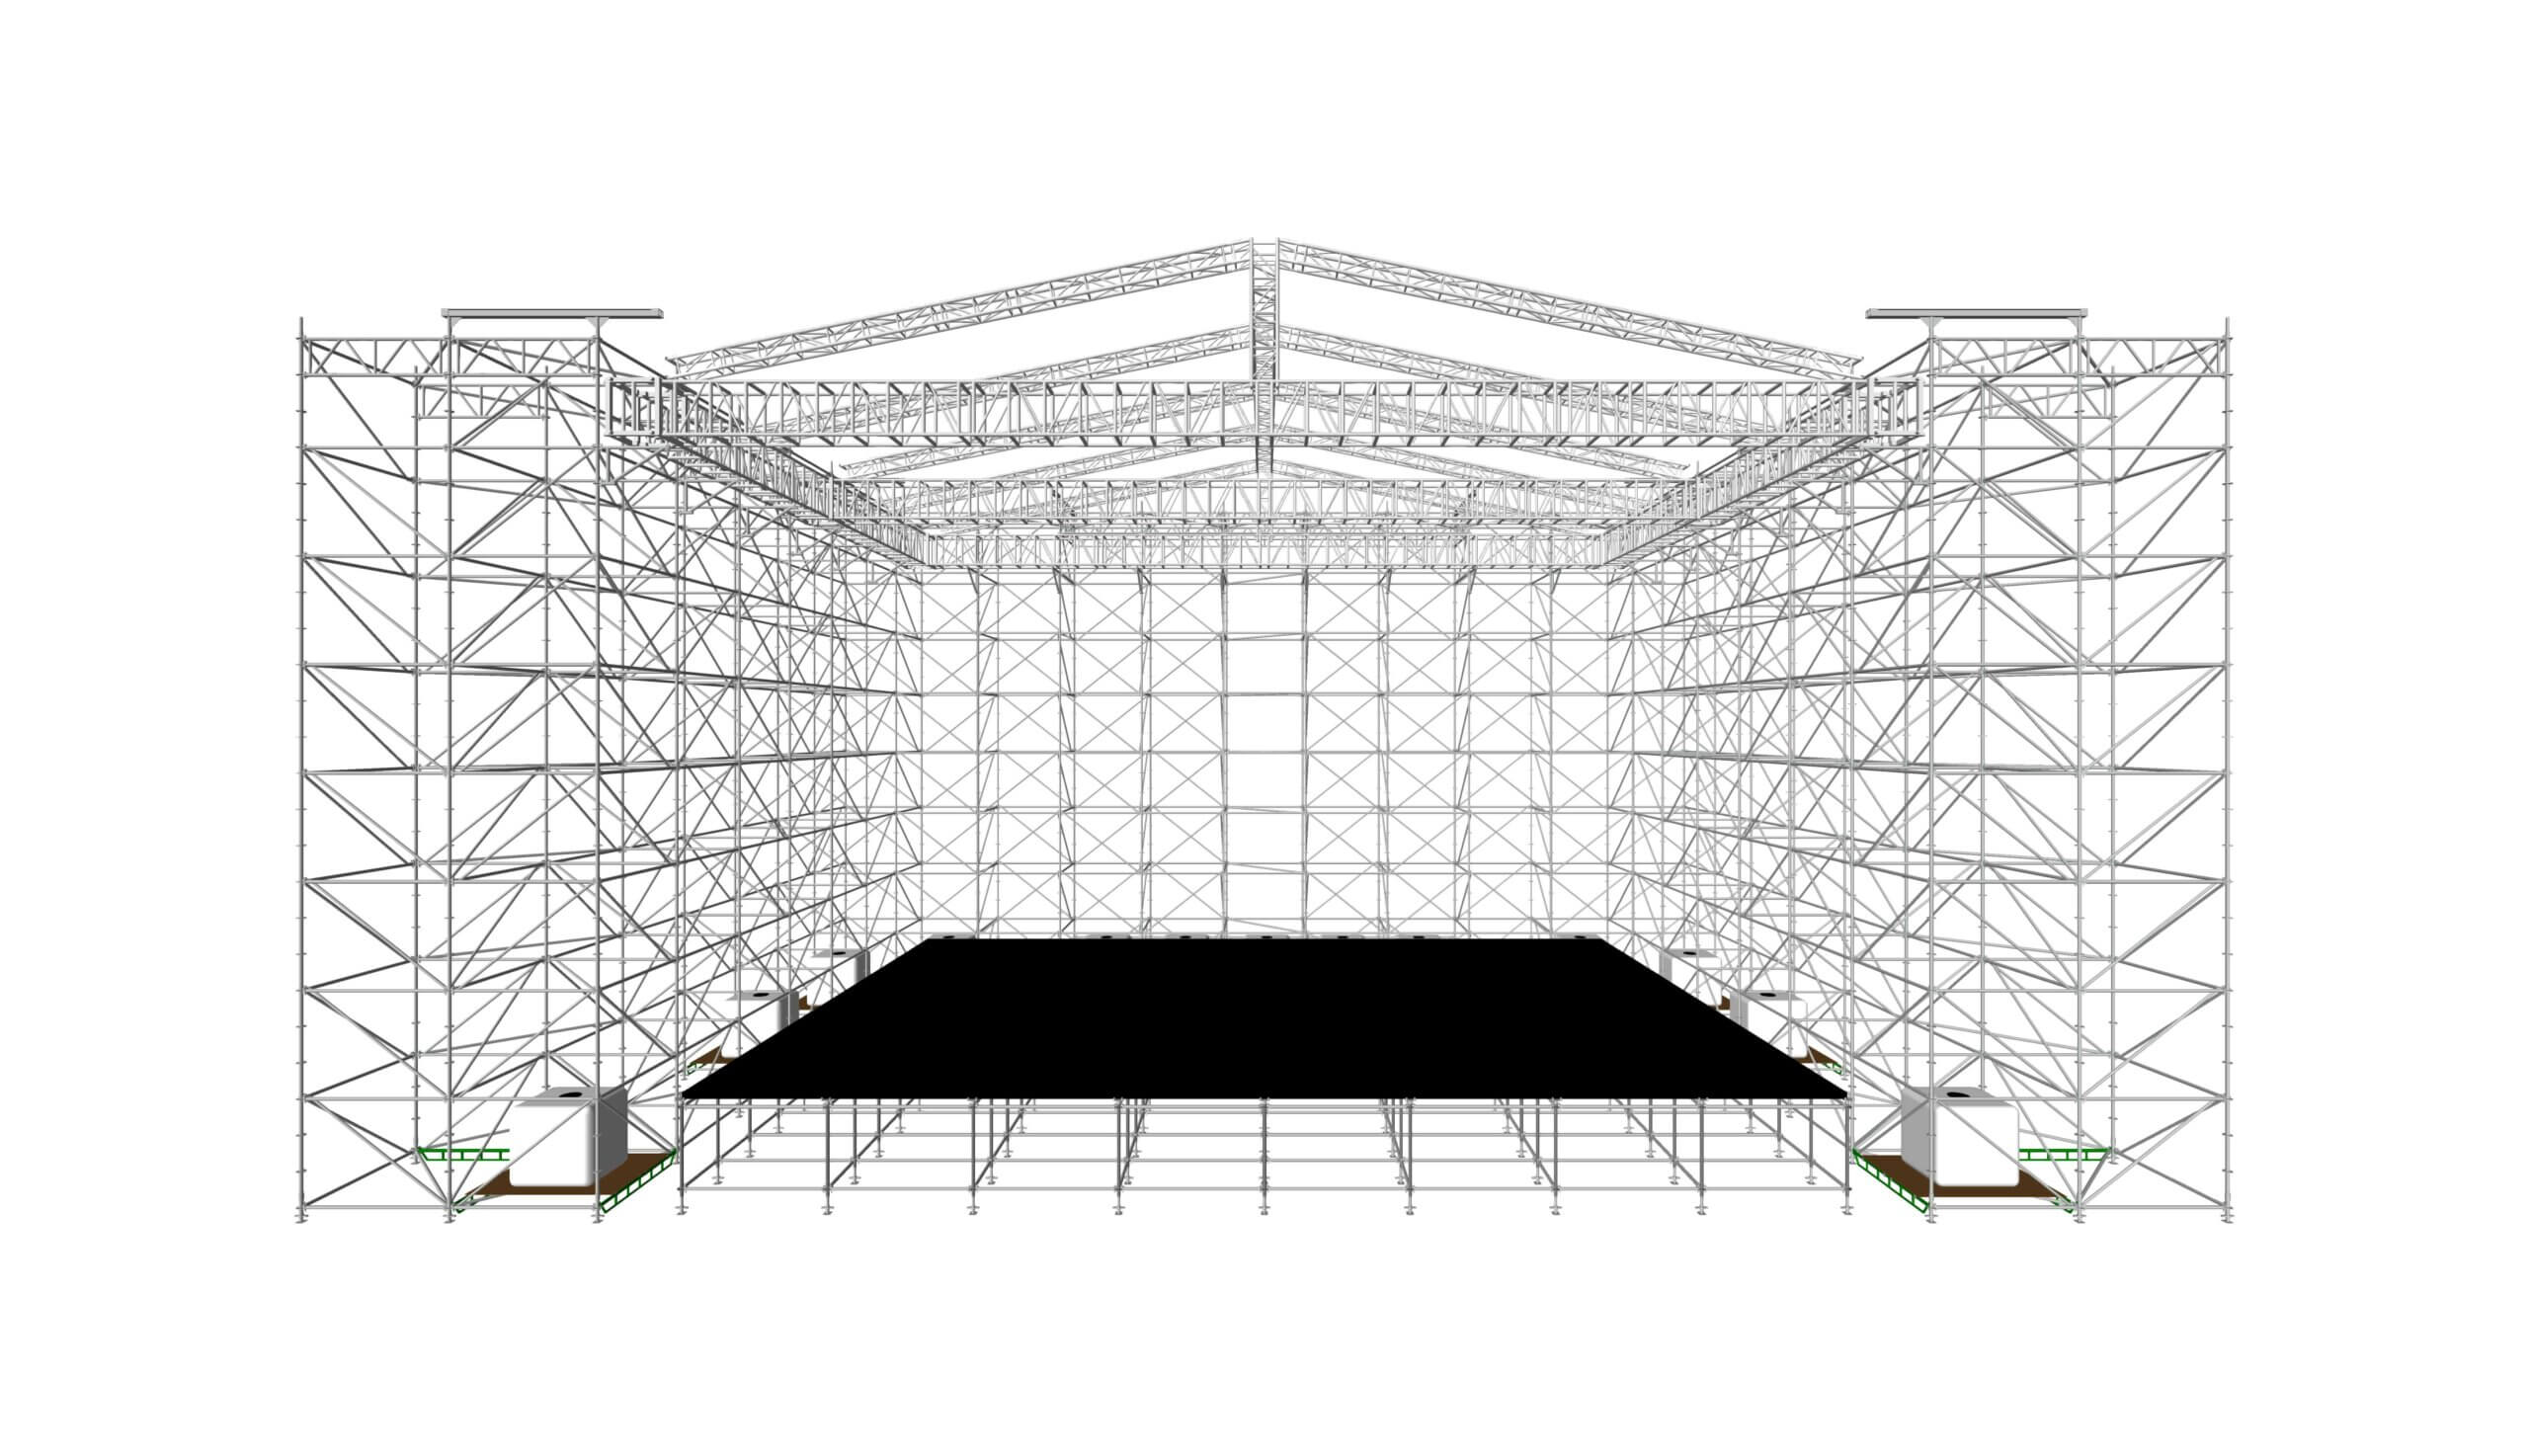 На сценических лесах, ферма 76х60, крыша 18х12.5м